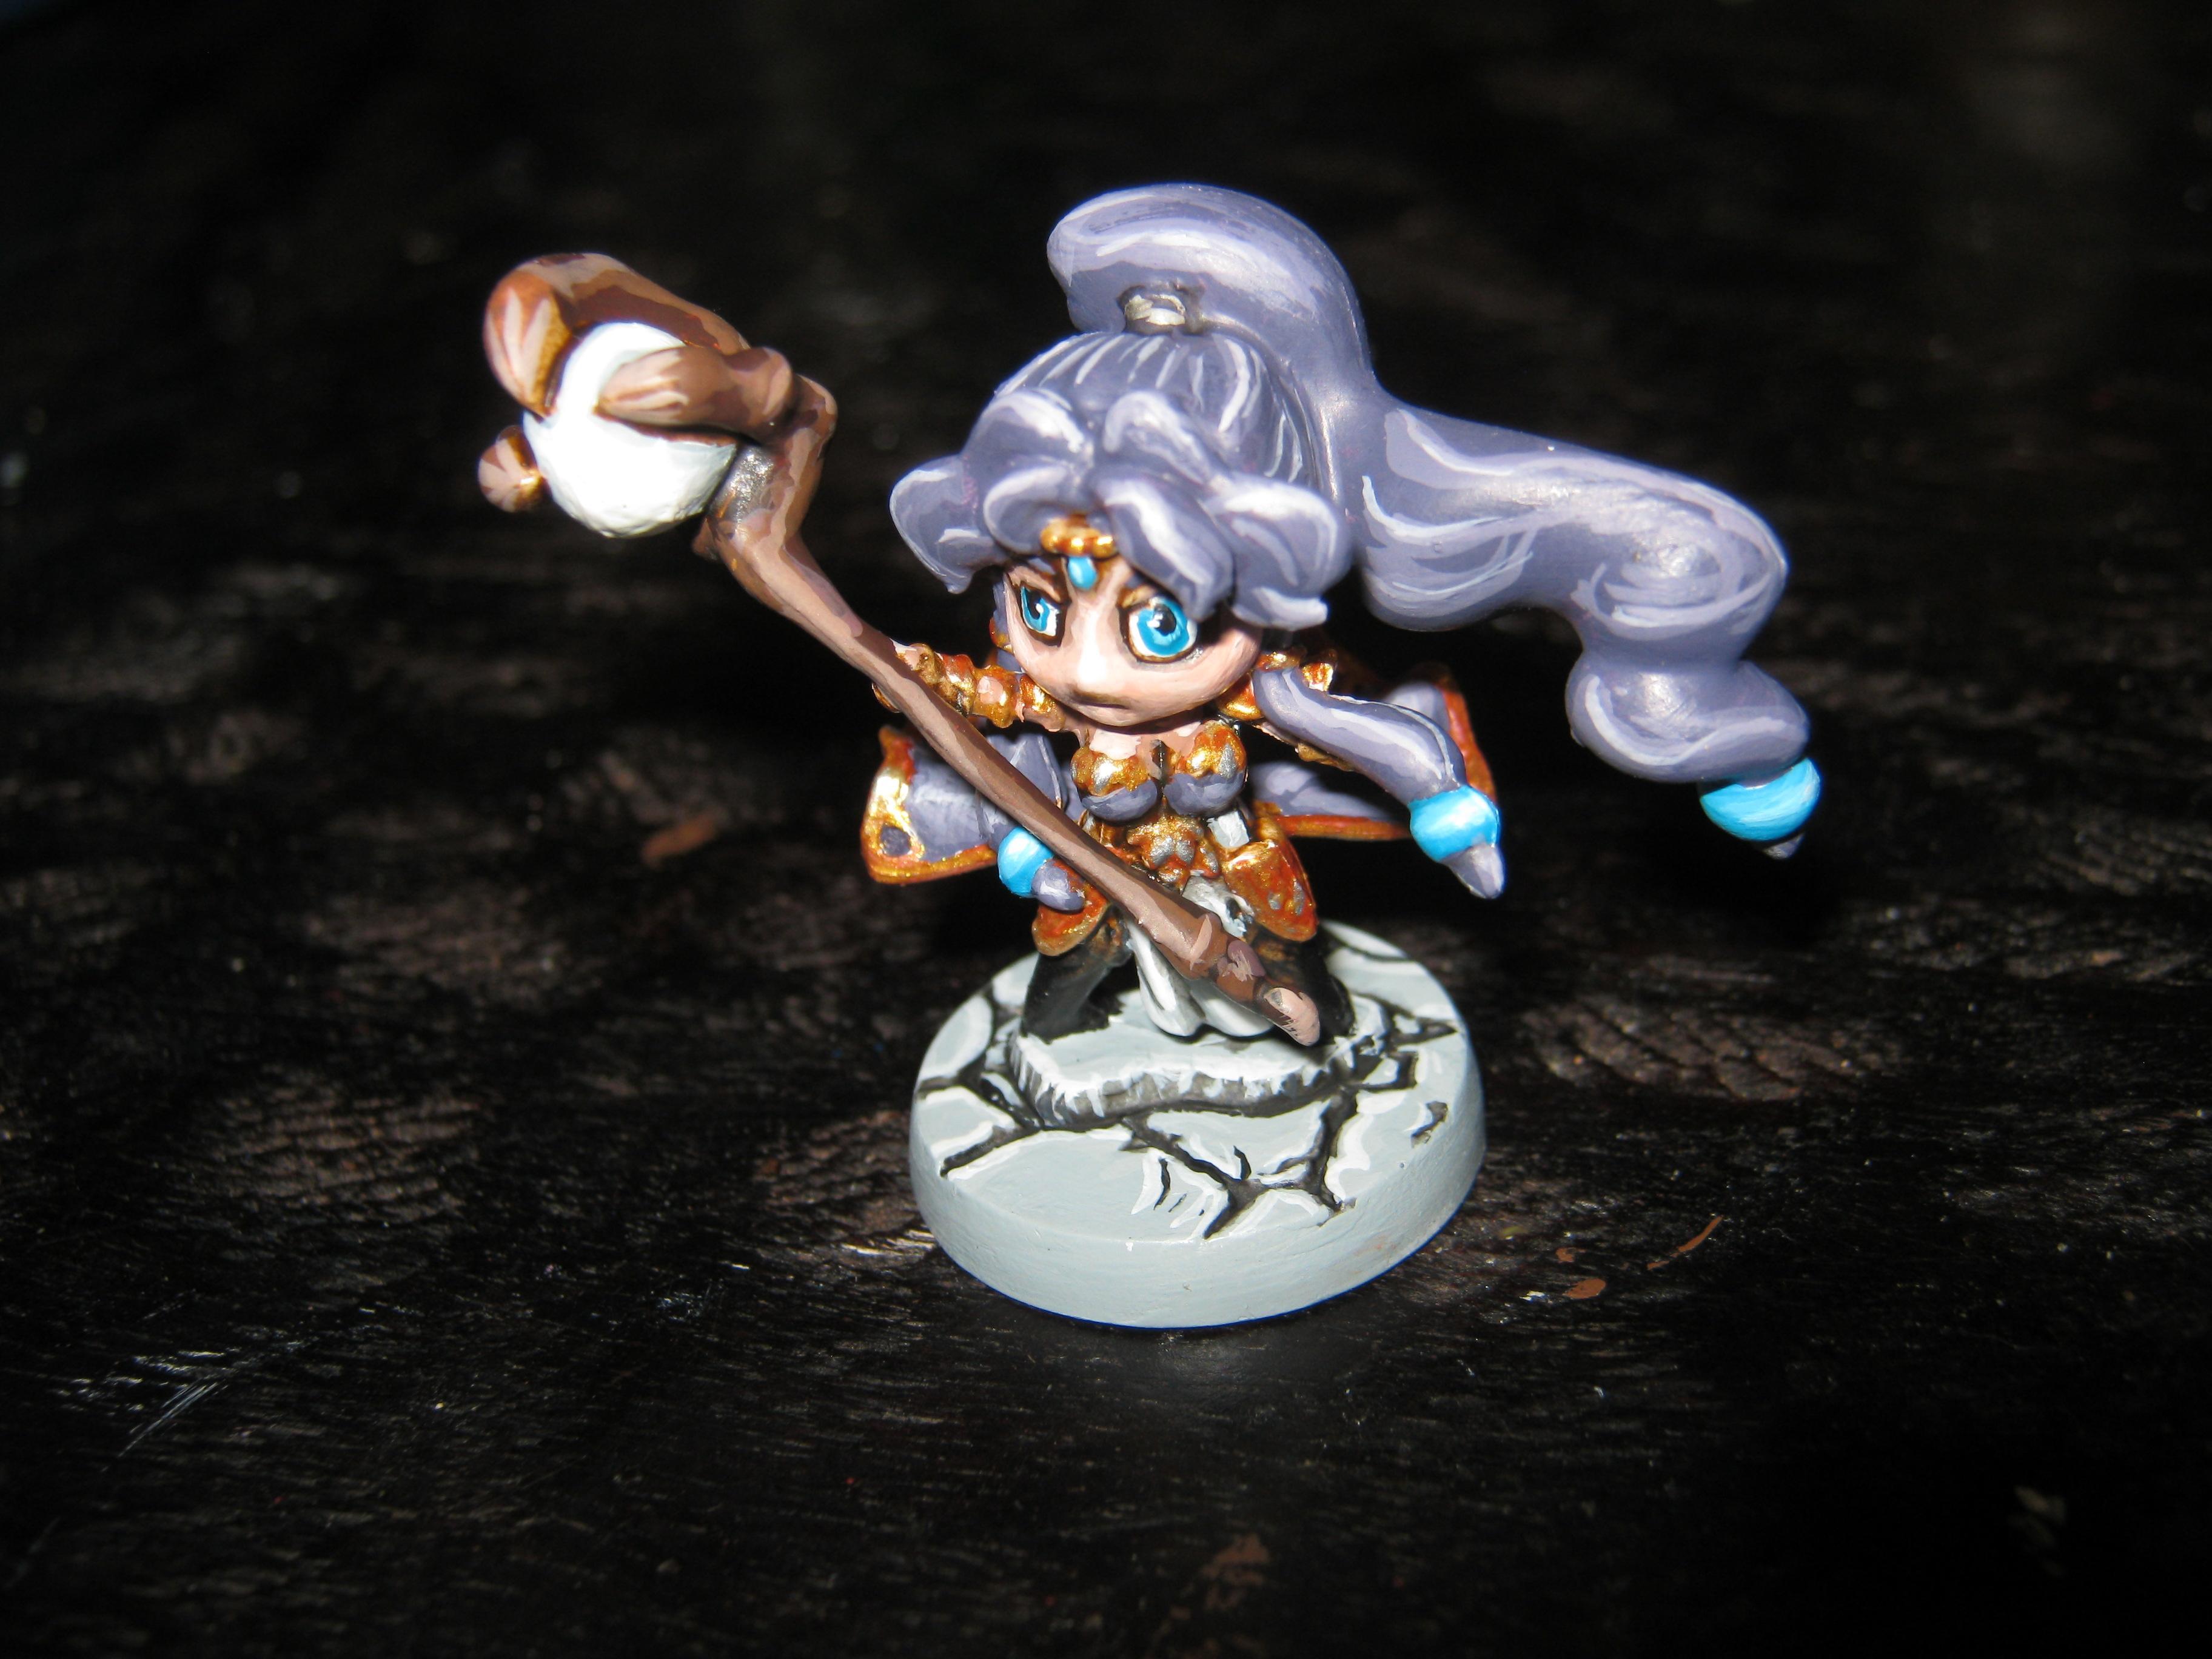 Hexcast Sorceress, Sde, Super Dungeon Explore